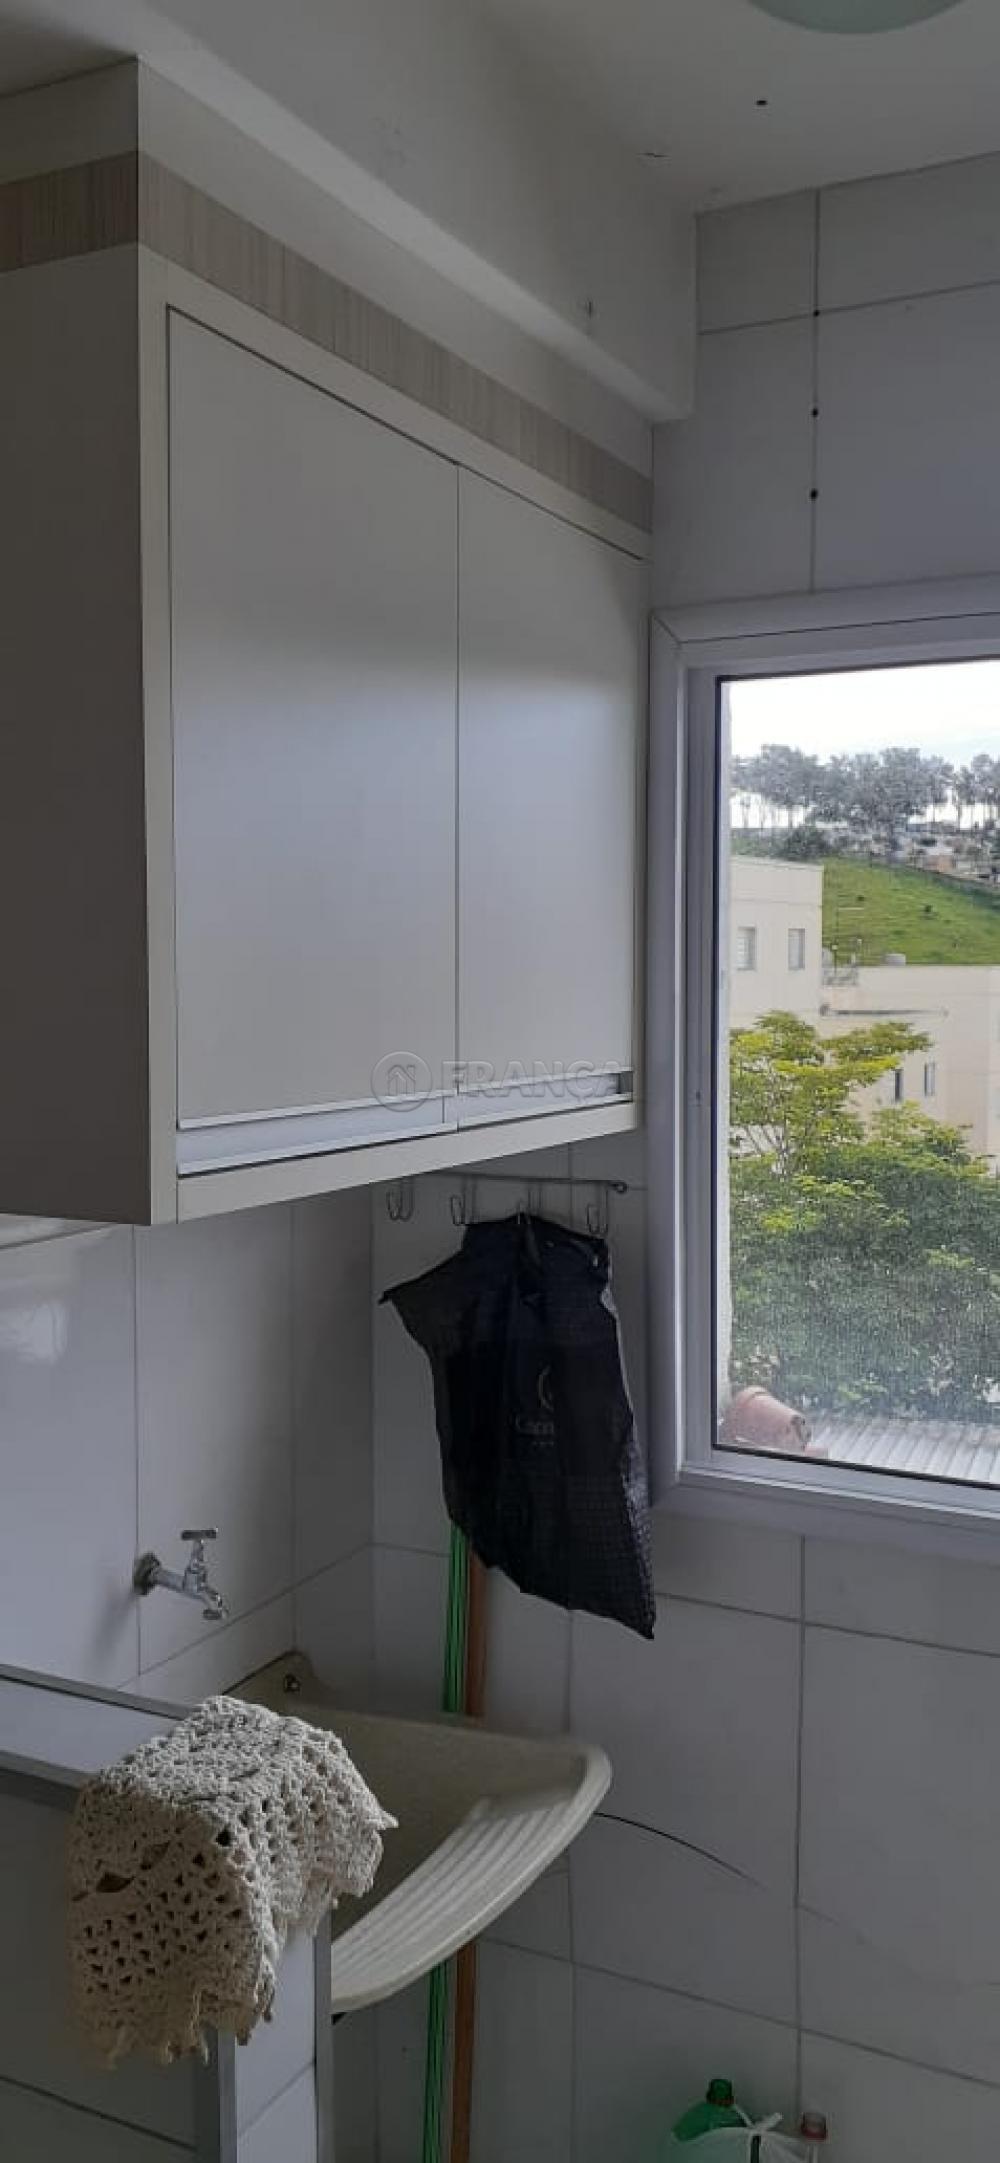 Comprar Apartamento / Padrão em Jacareí apenas R$ 140.000,00 - Foto 4